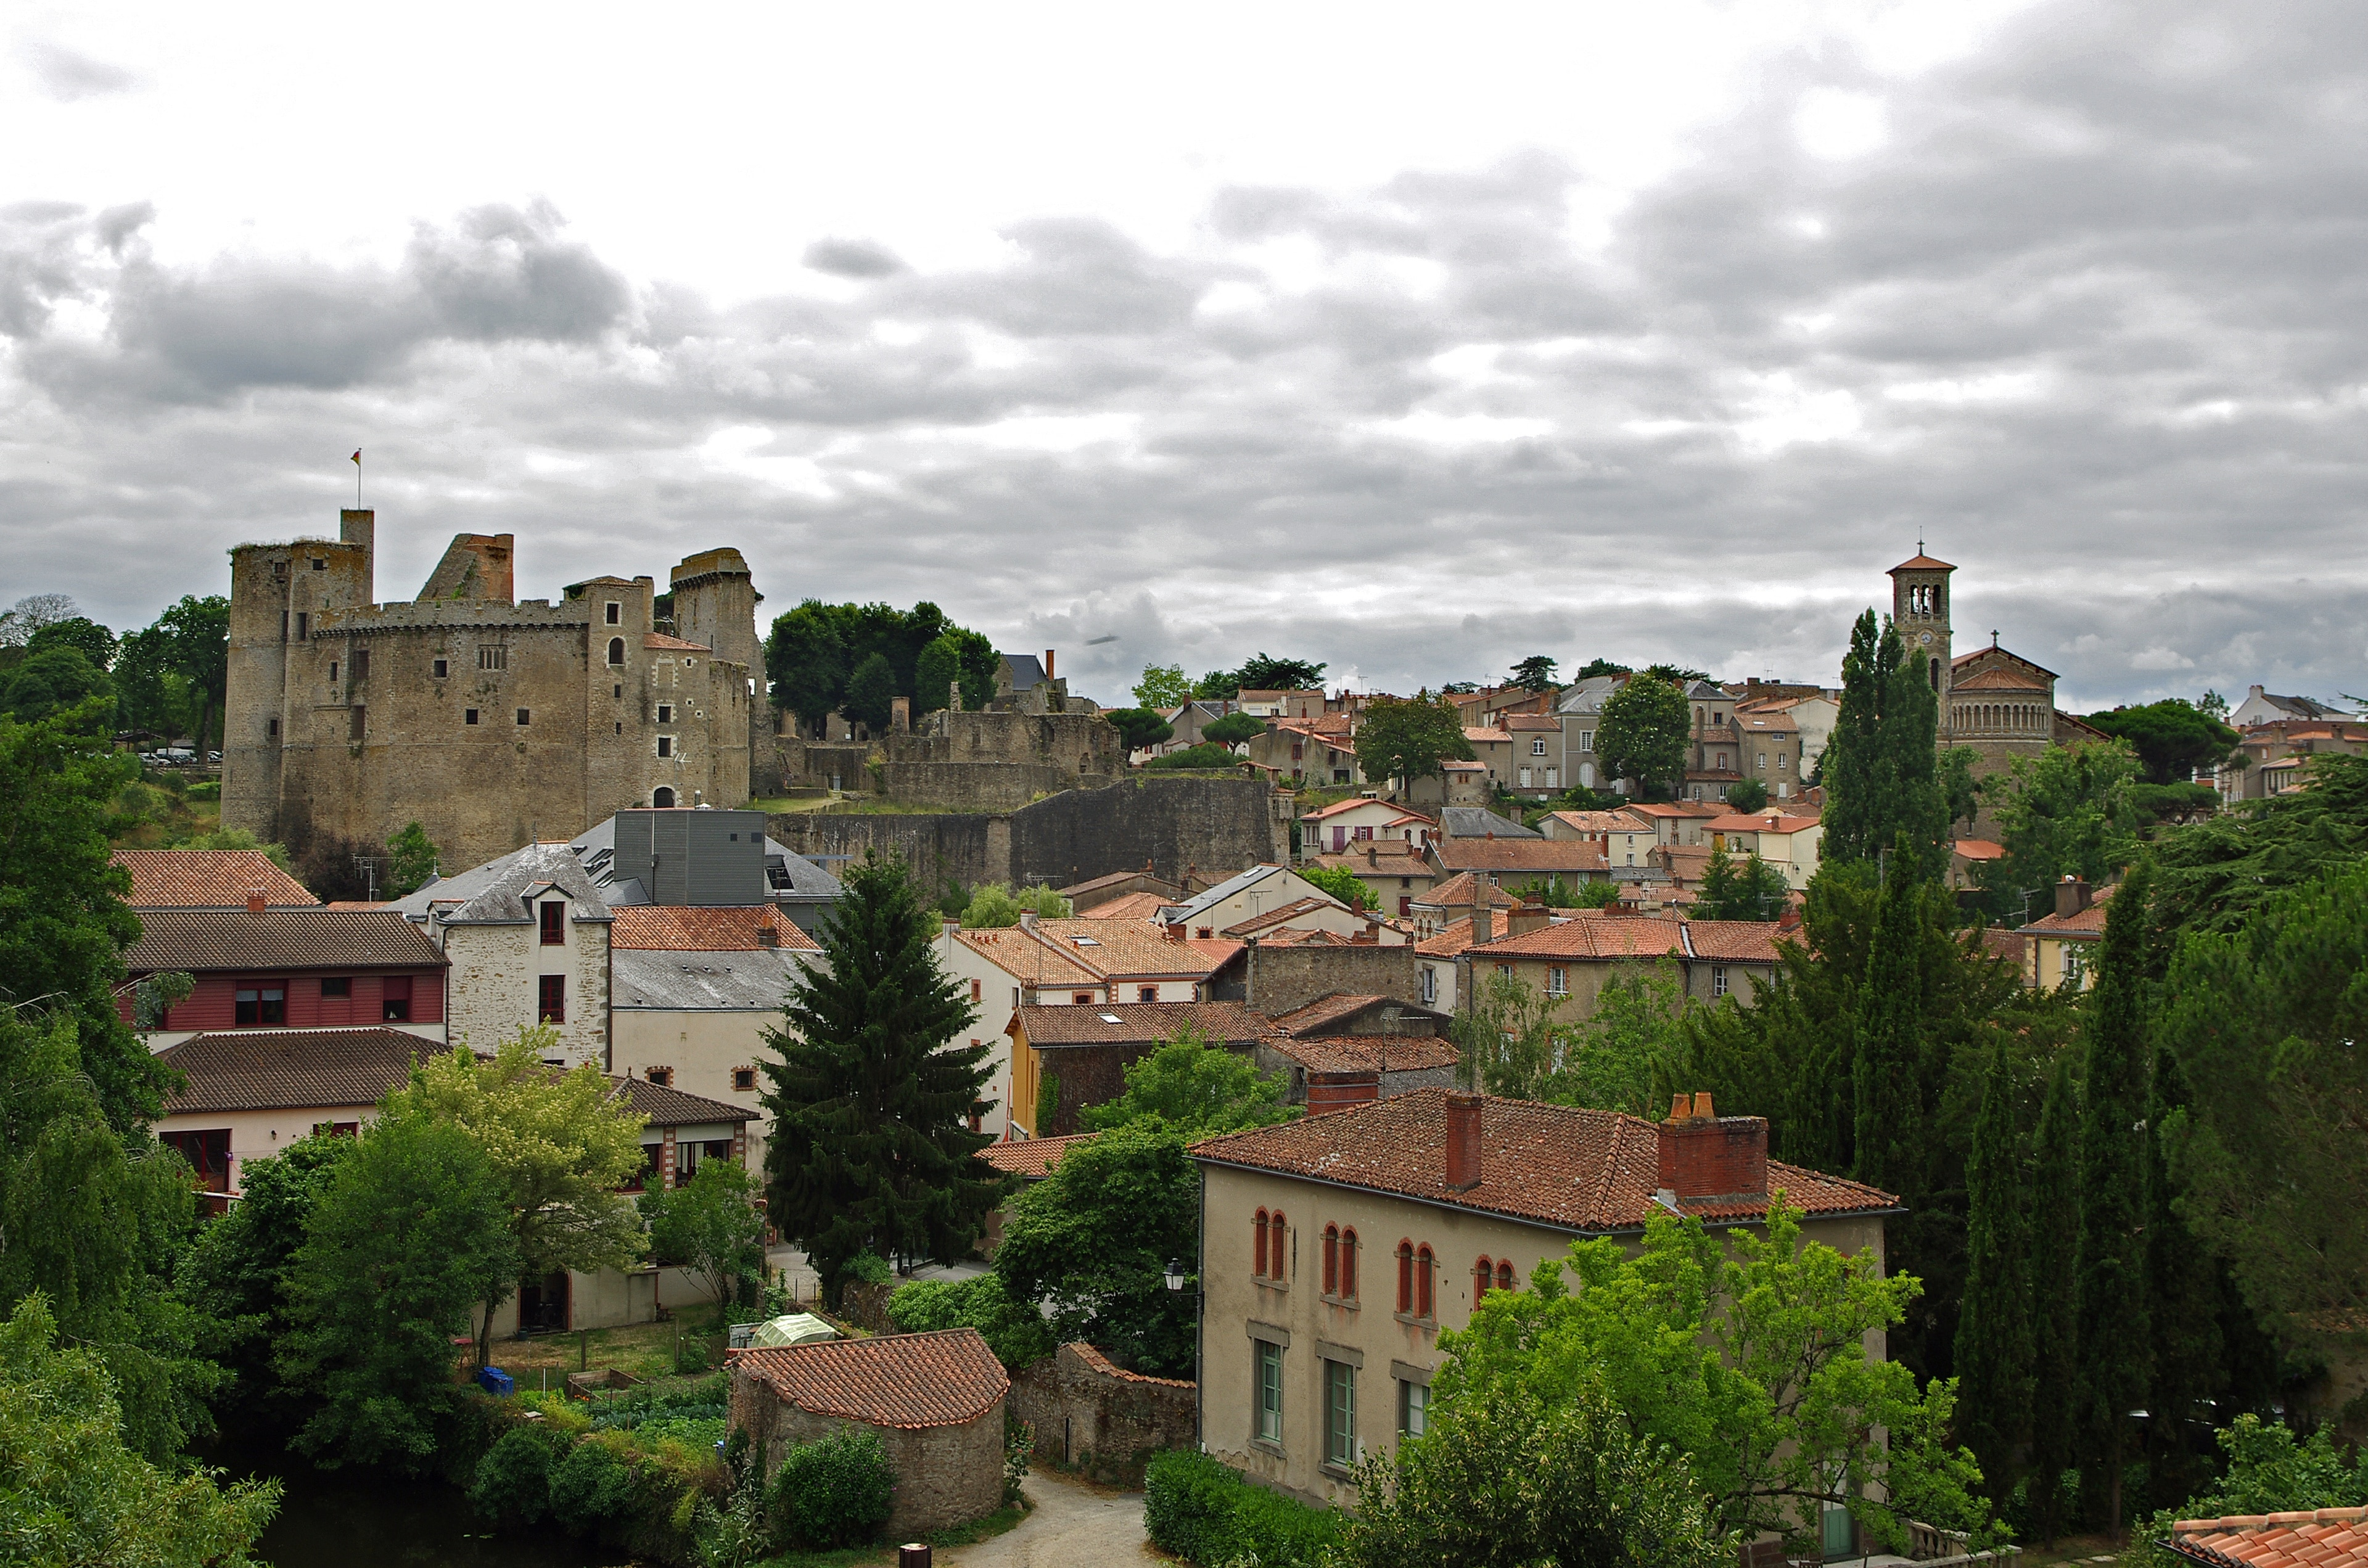 Clisson, Loire-Atlantique, France